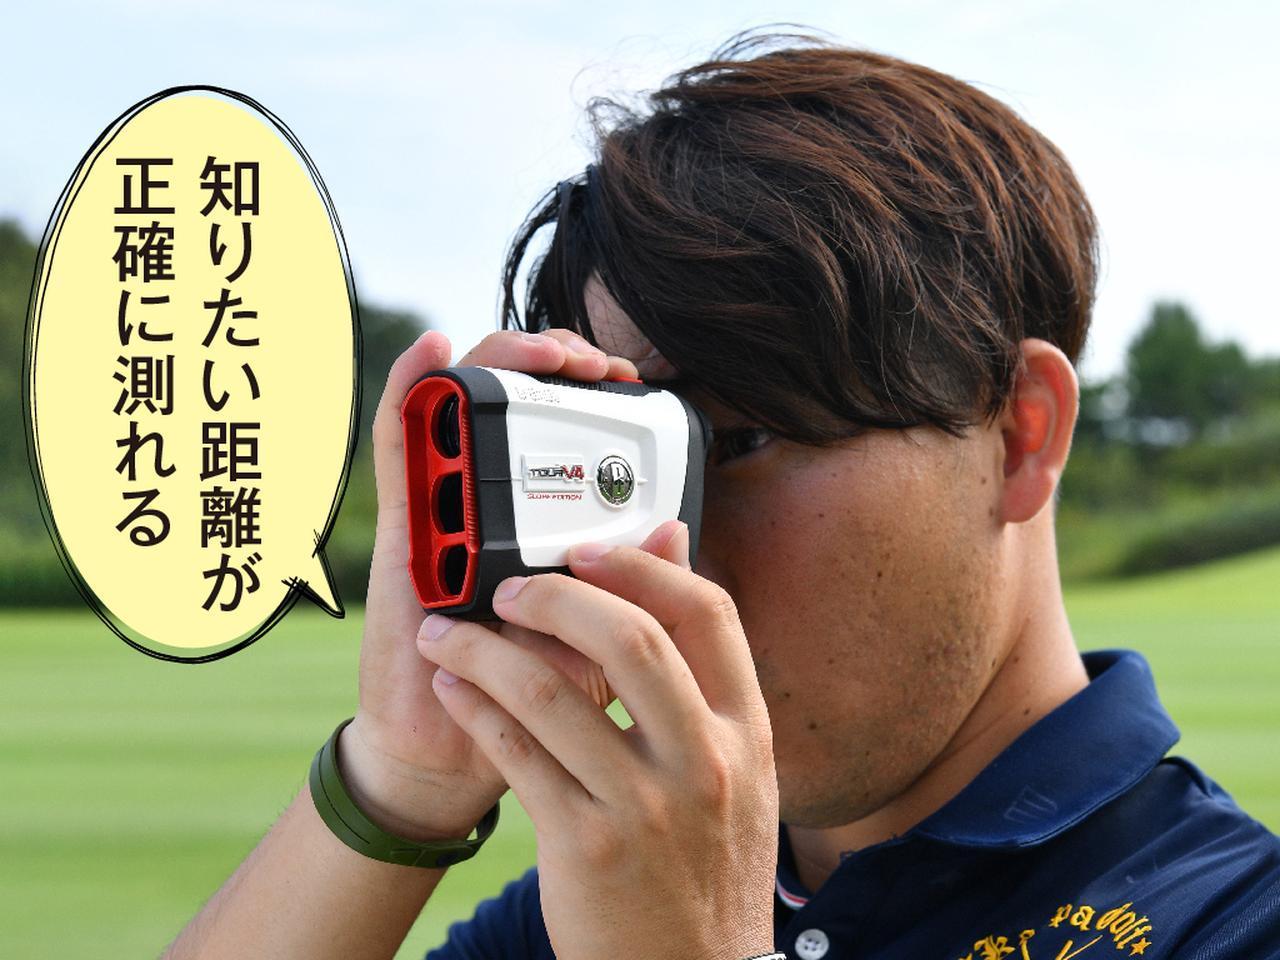 画像1: 目標物までの正確な距離がわかる レーザー式